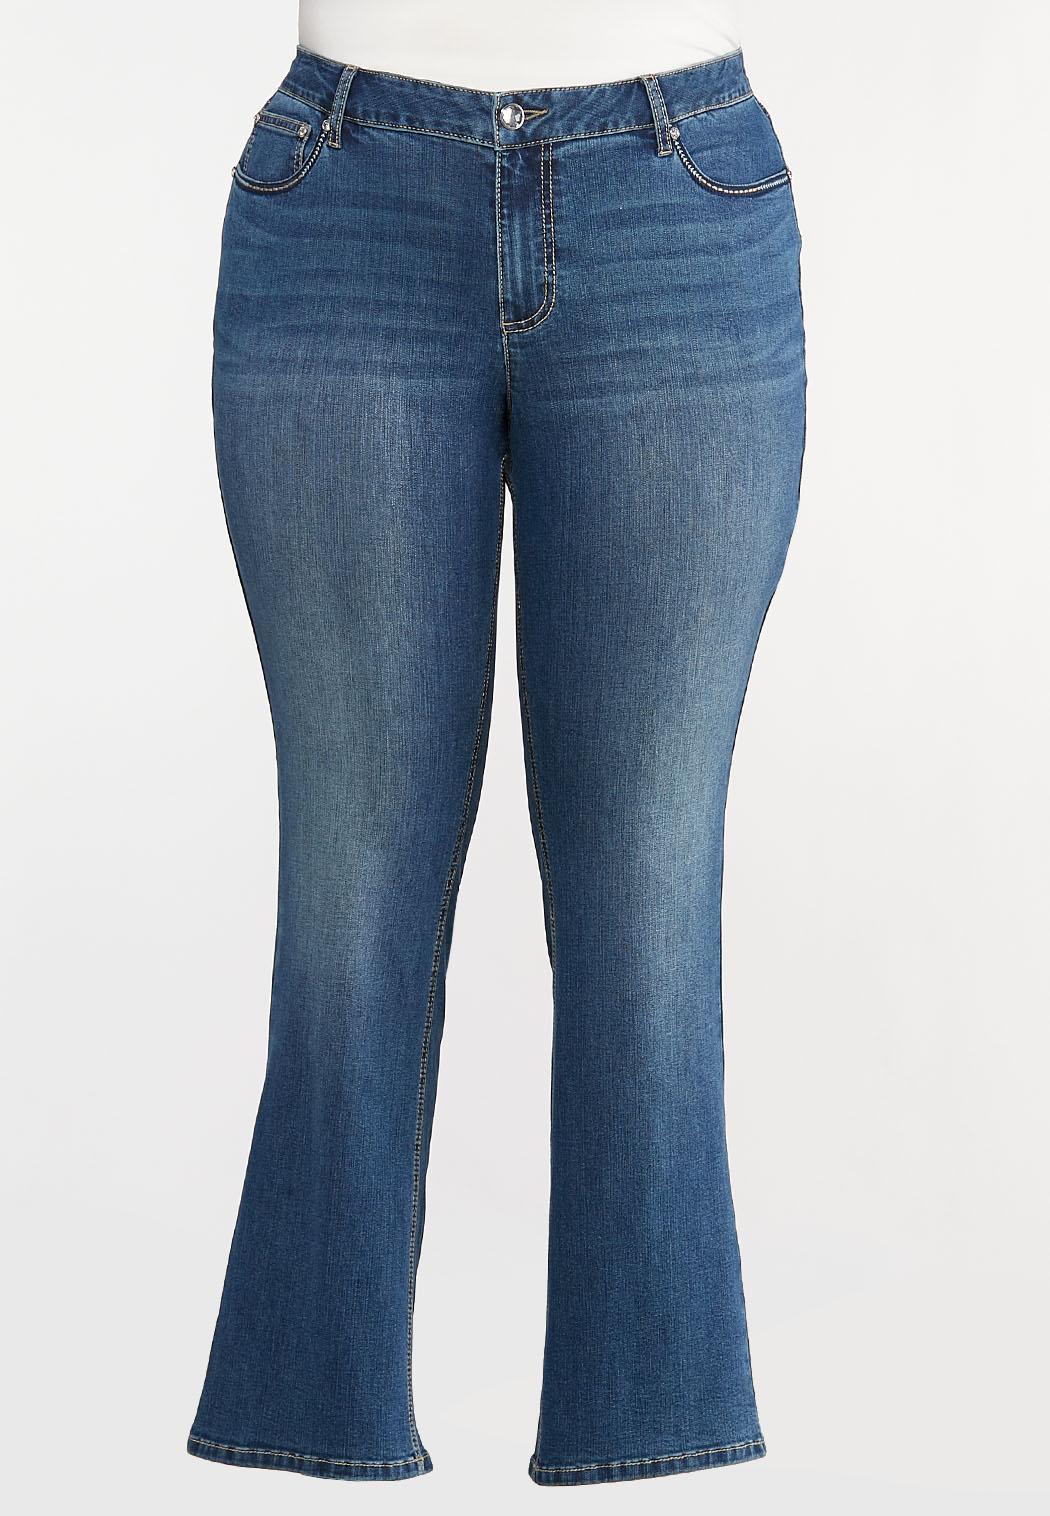 Plus Petite Sparkling Floral Pocket Jeans (Item #44097683)